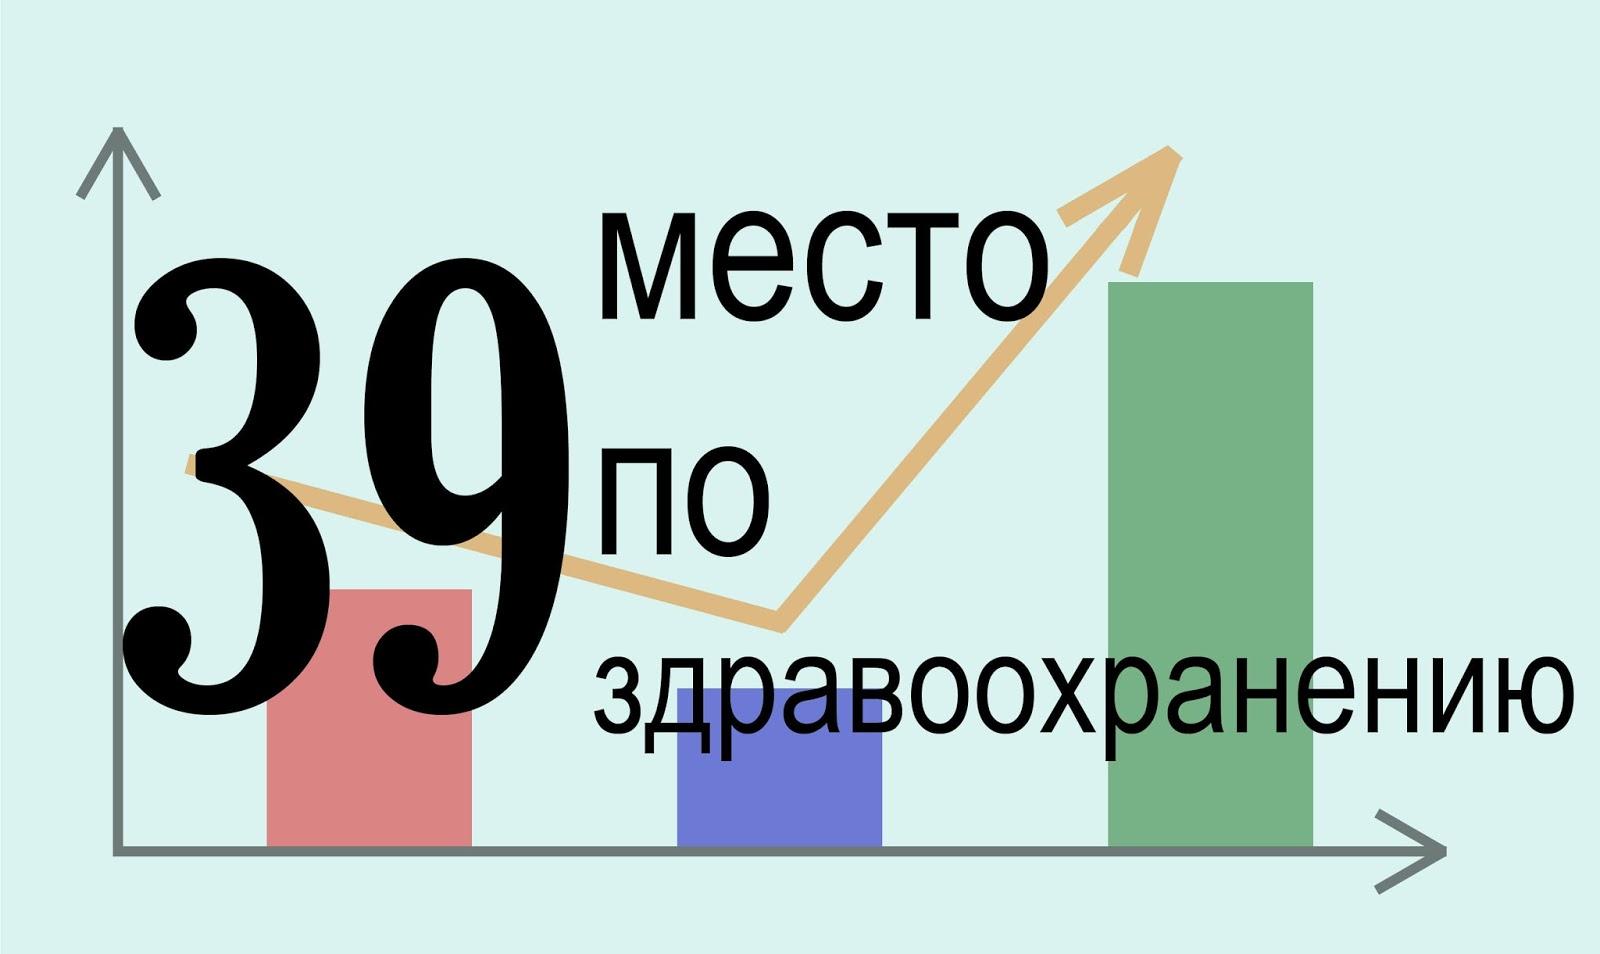 Здравоохранение в Сербии